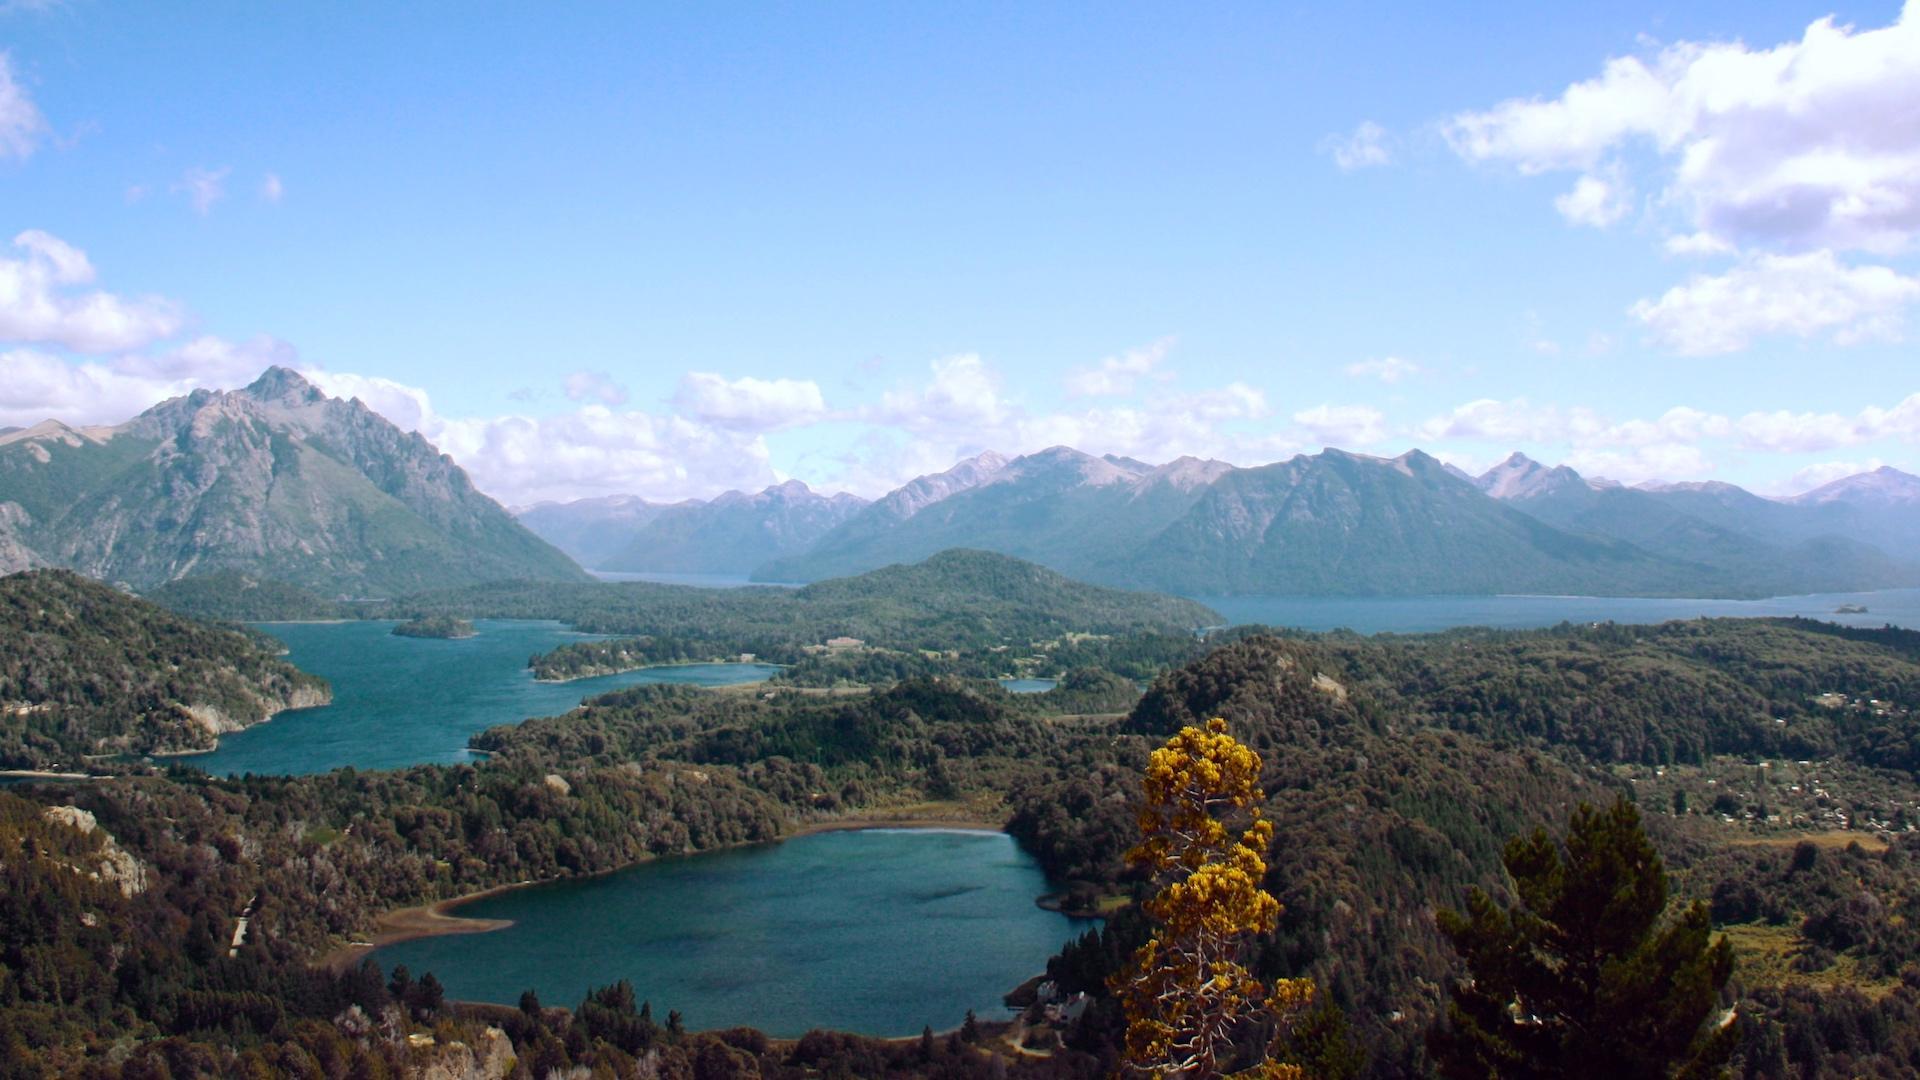 ¿Qué hacer en Bariloche?: tres opciones de turismo diferente